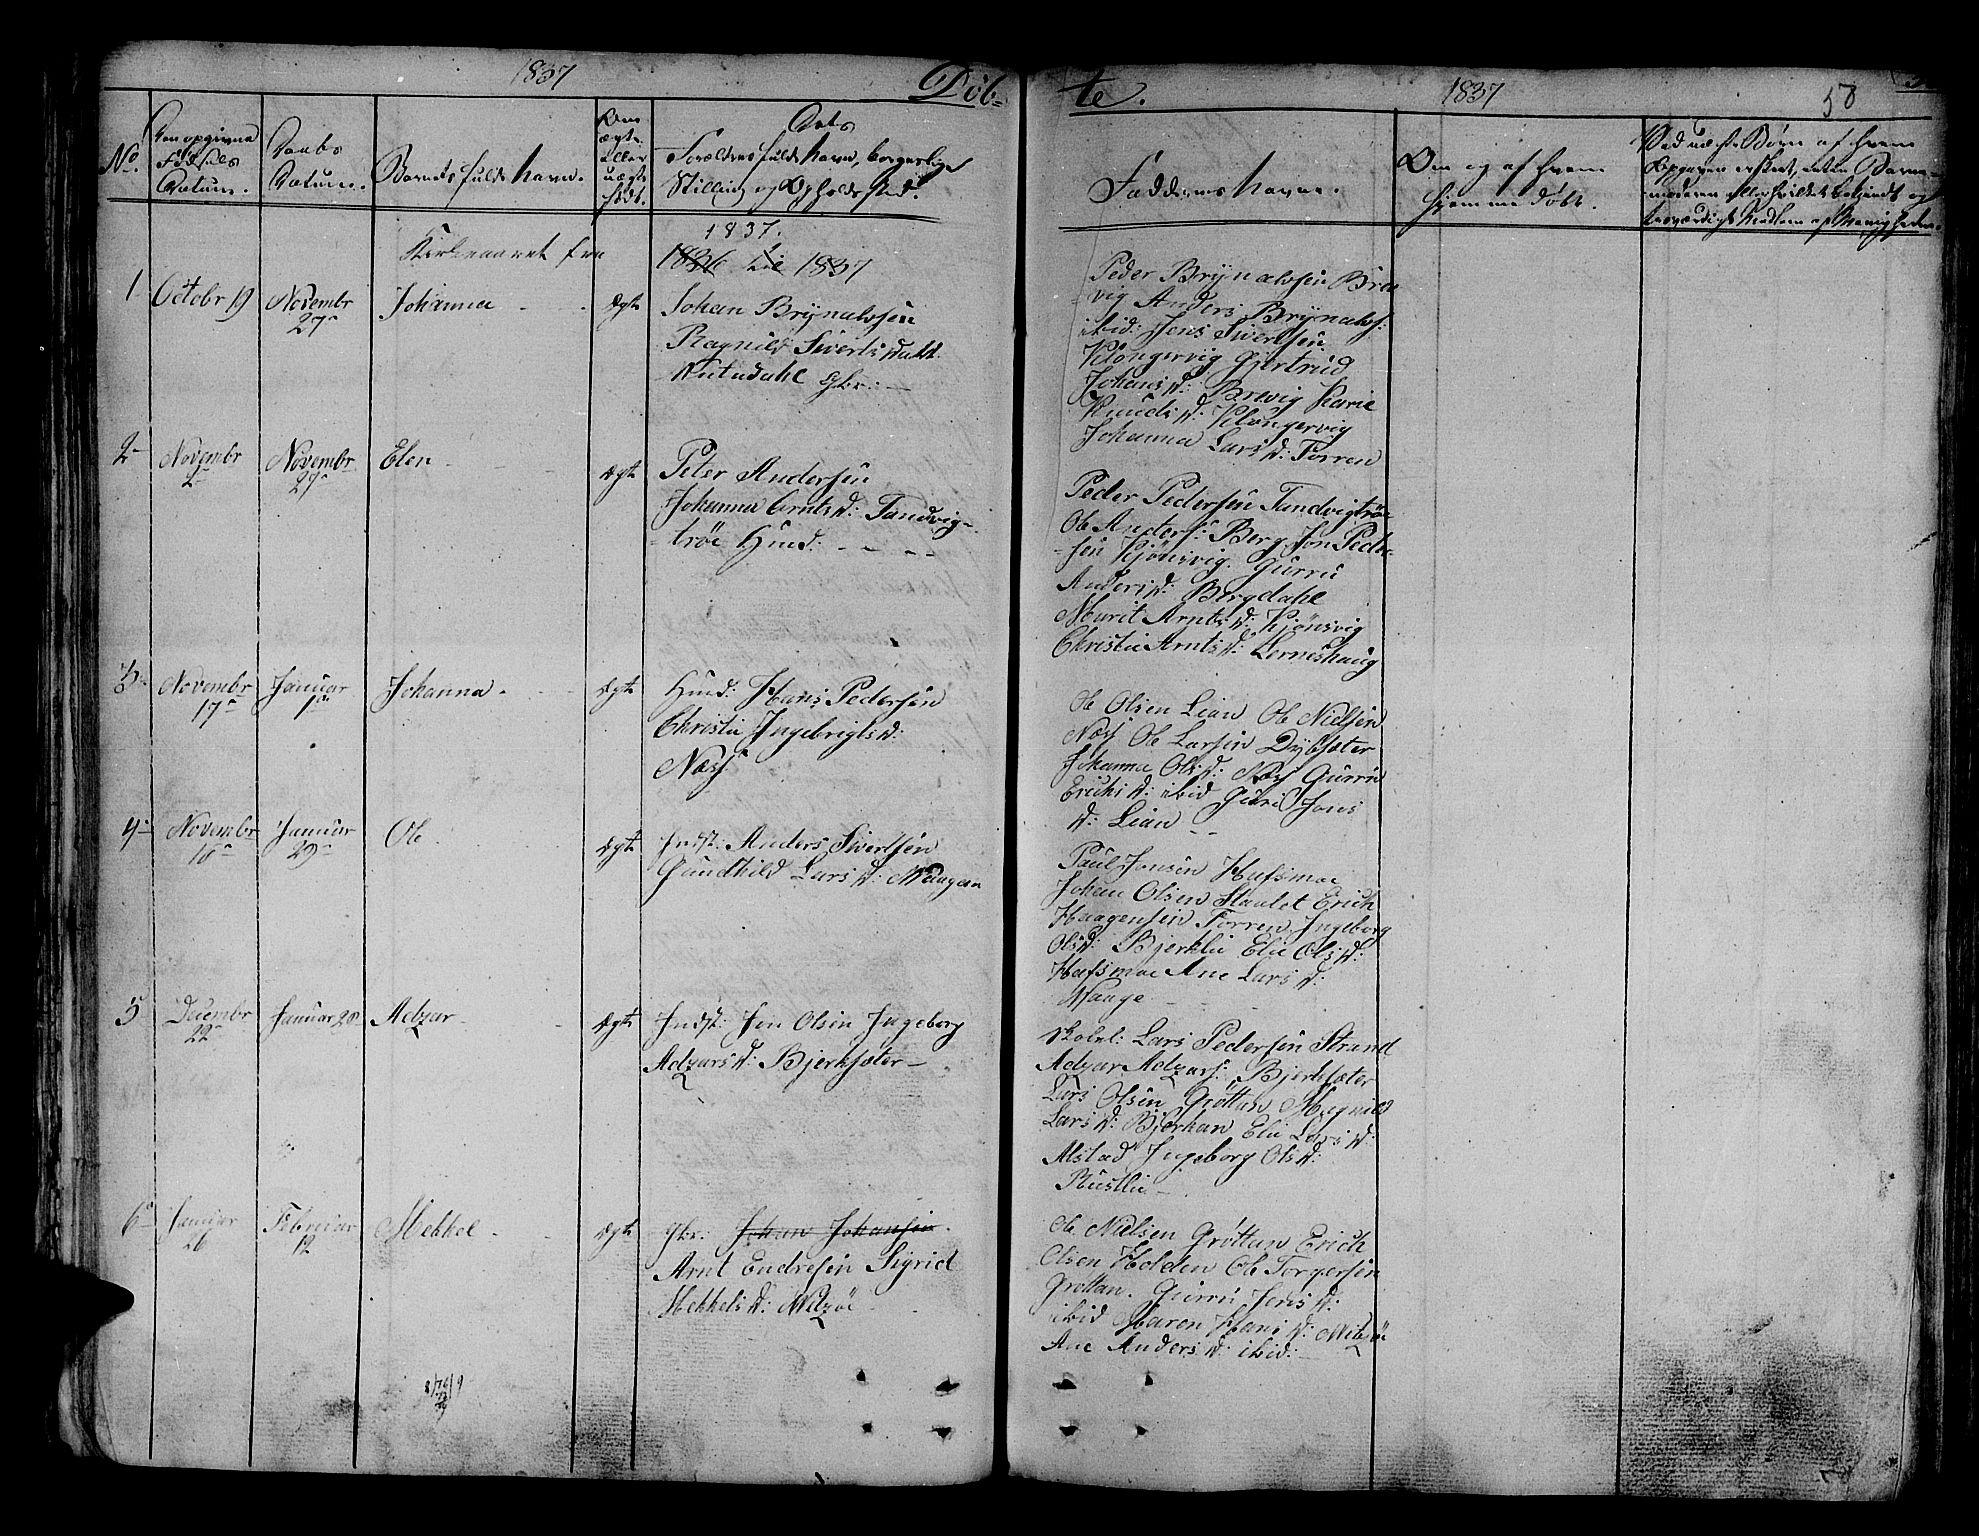 SAT, Ministerialprotokoller, klokkerbøker og fødselsregistre - Sør-Trøndelag, 630/L0492: Ministerialbok nr. 630A05, 1830-1840, s. 50